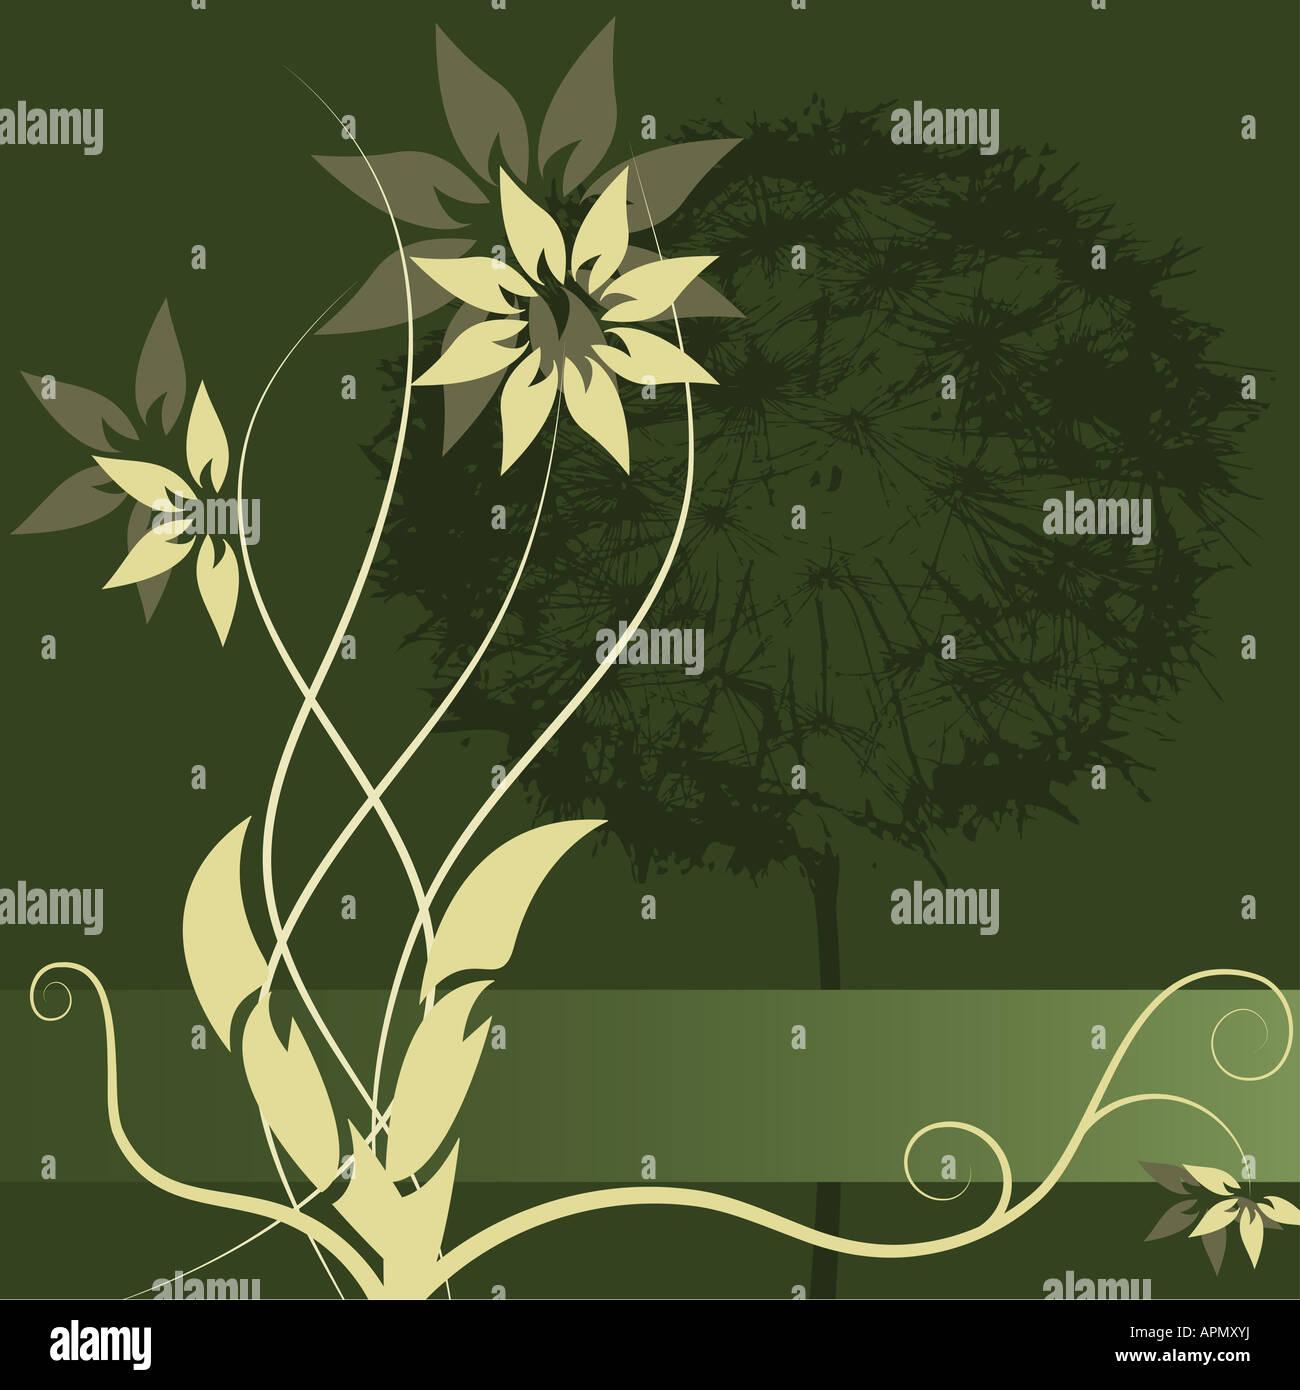 Graphischen Vektor Blume Etikettengestaltung Stockbild